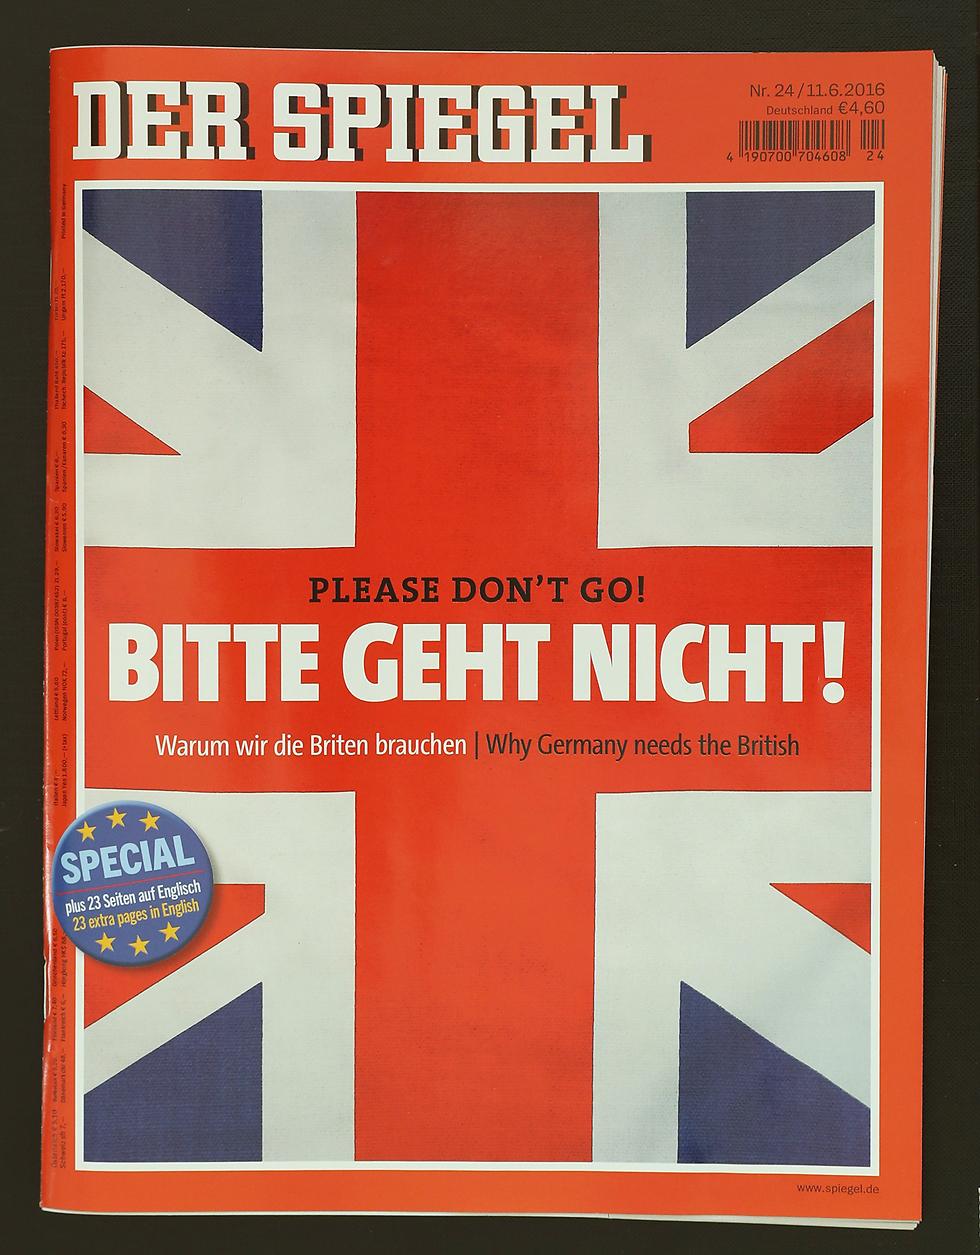 """שער ה""""דר שפיגל"""" הגרמני מבקש מבריטניה להישאר באיחוד האירופי (צילום: gettyimages) (צילום: gettyimages)"""